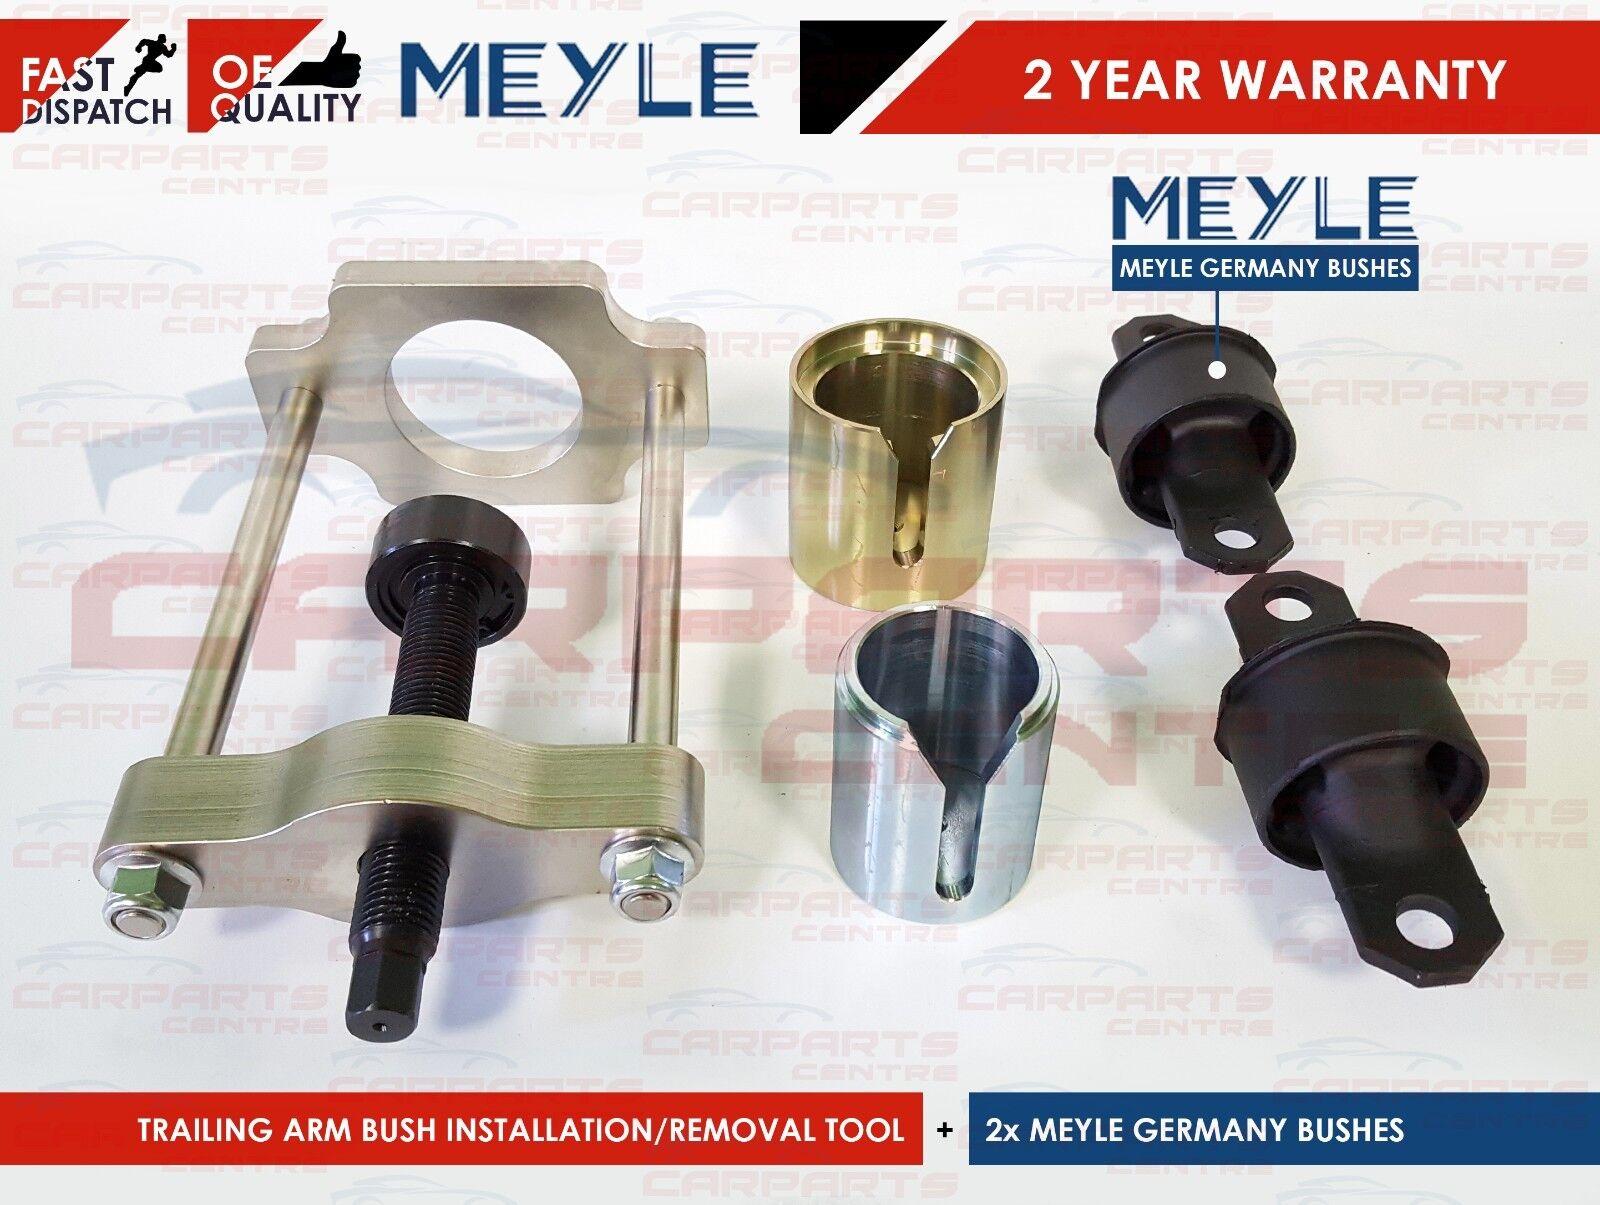 Removal Install Rear Wishbone Trailing Arm Bush Tool Ford Focus mk2 Kuga,C-Max,